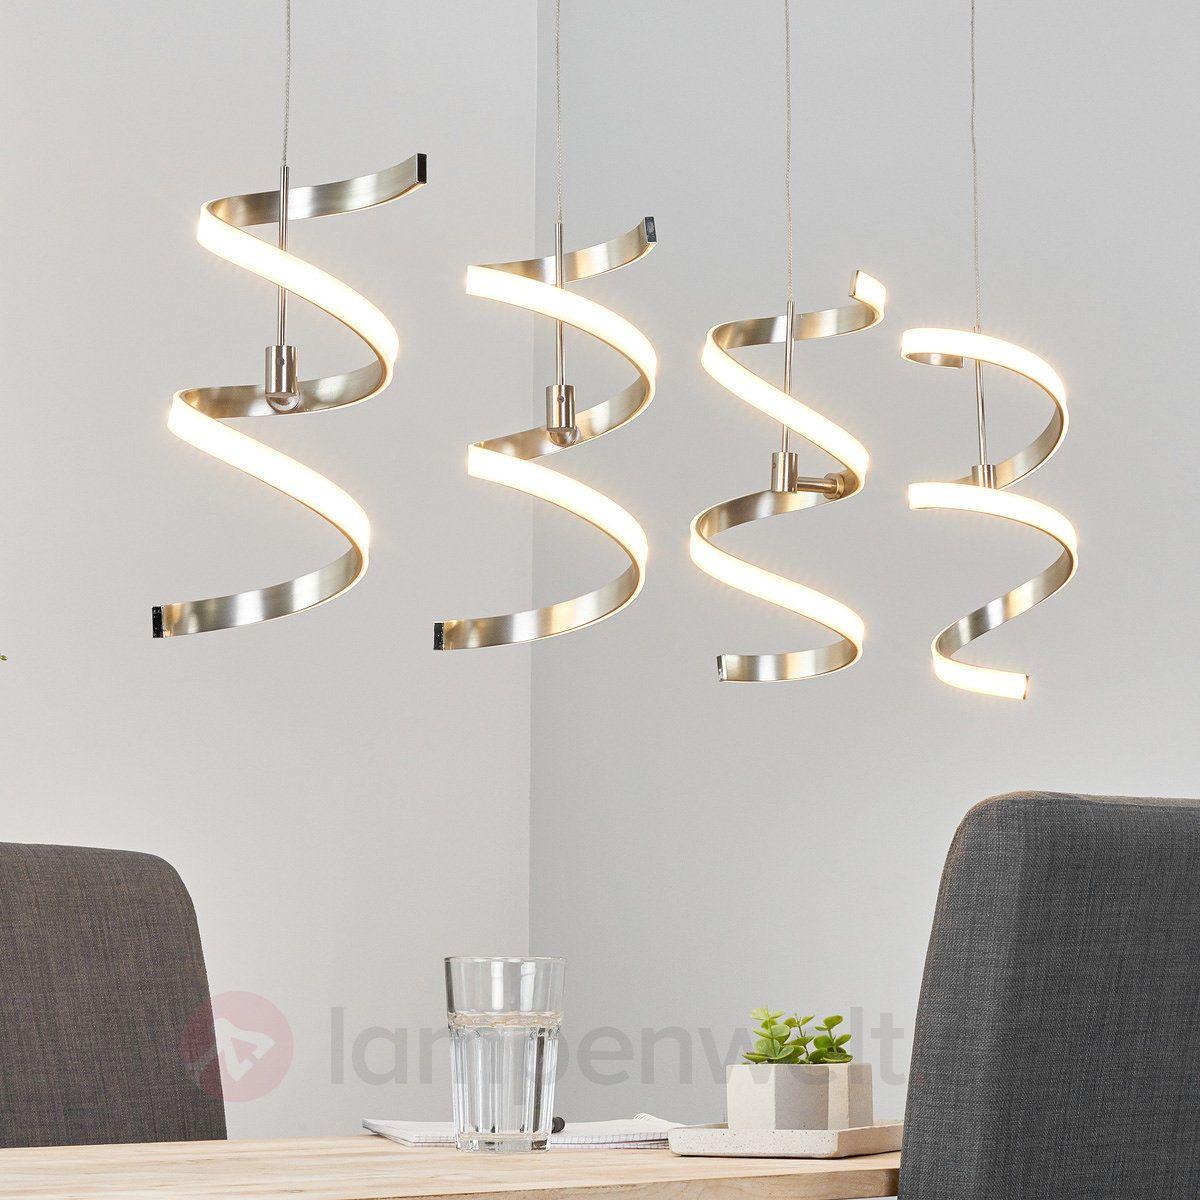 led h ngeleuchte pierre spiralen 4 flammig esszimmer h ngelampe modern leds lampen. Black Bedroom Furniture Sets. Home Design Ideas